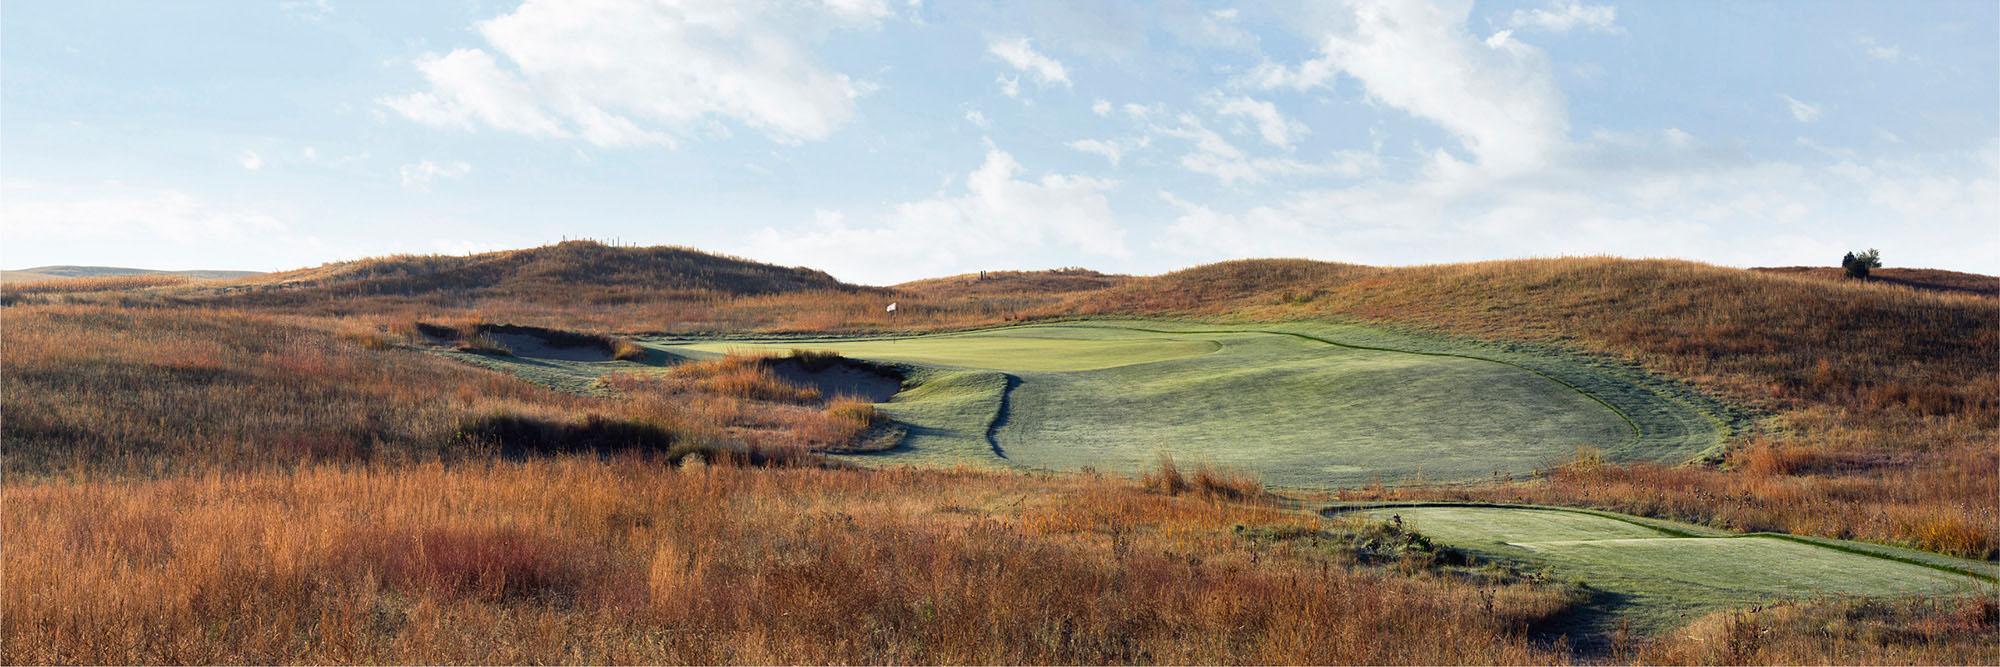 Golf Course Image - Wild Horse No. 13